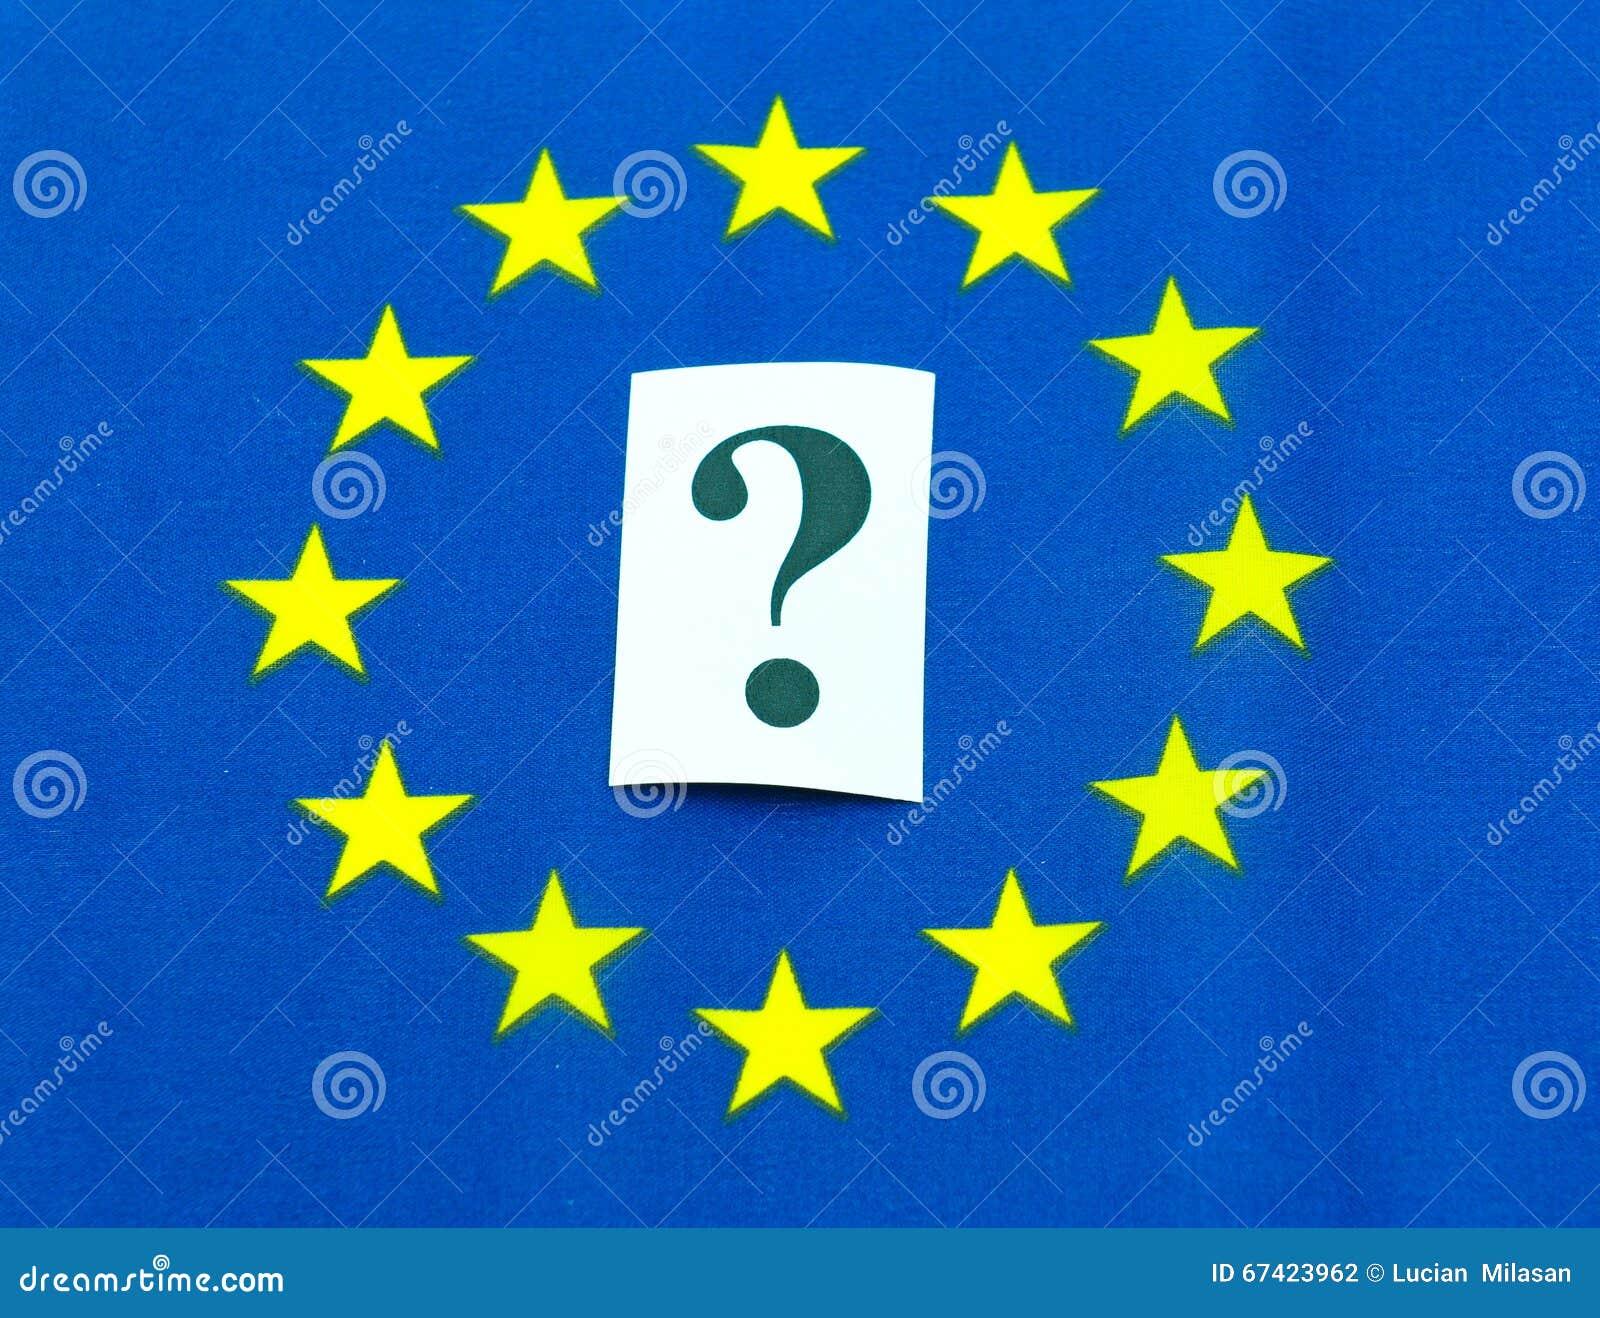 european shaking